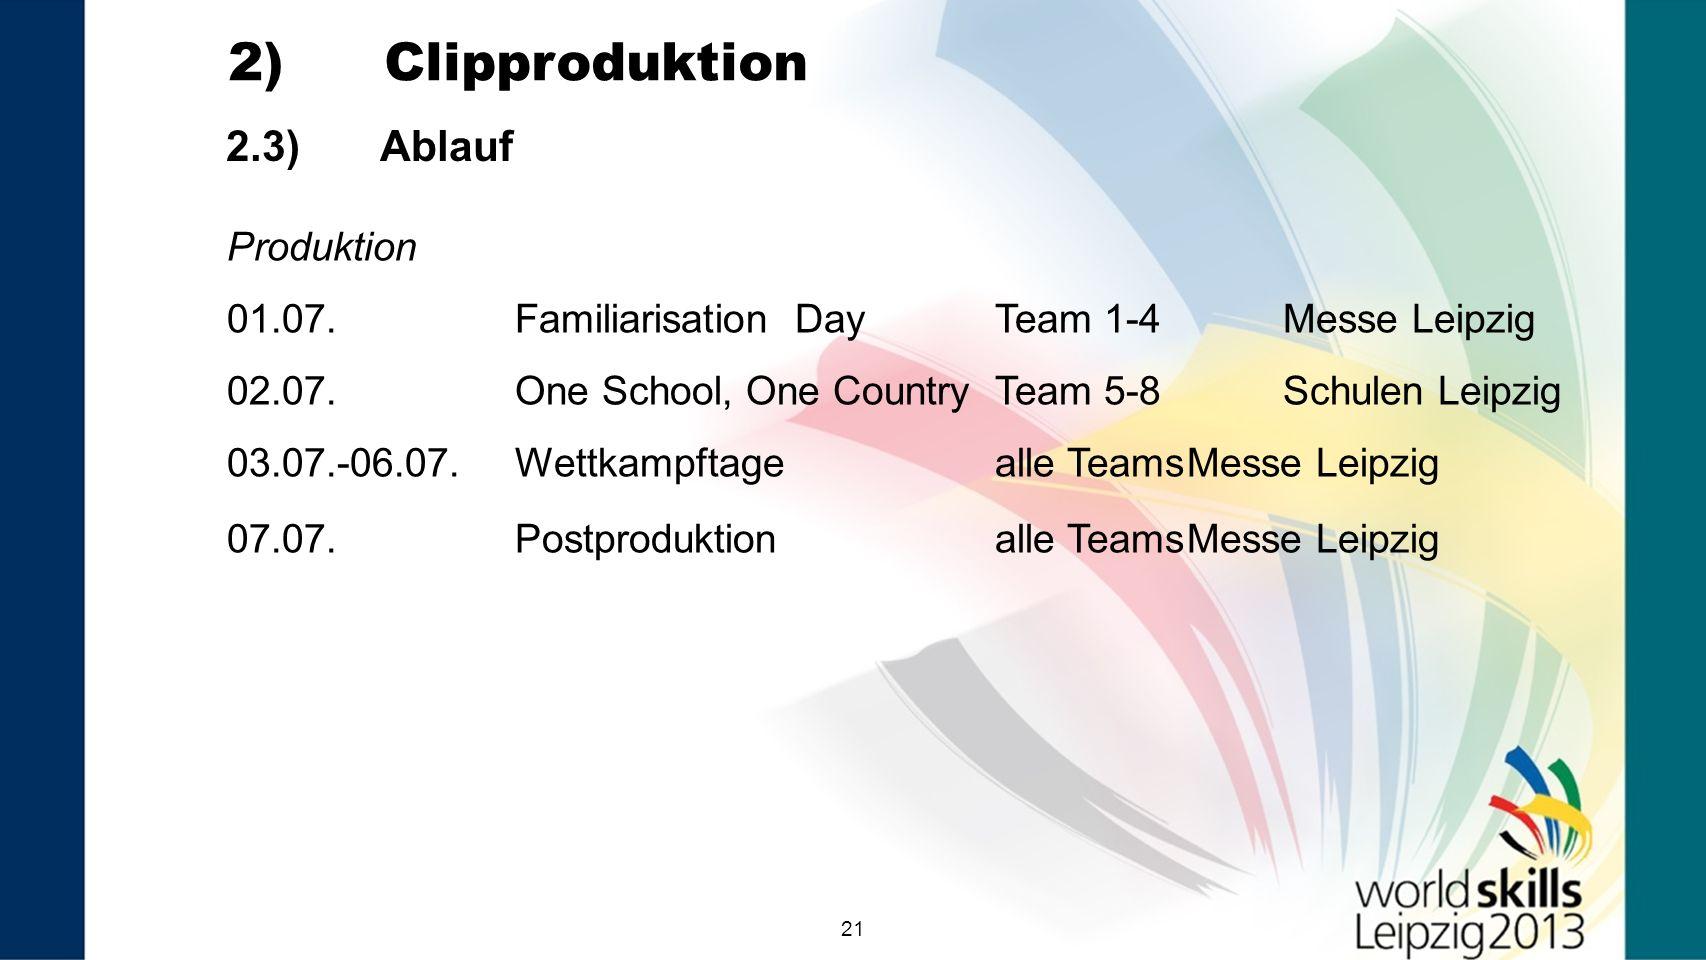 21 Produktion 01.07.Familiarisation DayTeam 1-4Messe Leipzig 02.07.One School, One Country Team 5-8Schulen Leipzig 03.07.-06.07.Wettkampftagealle Team